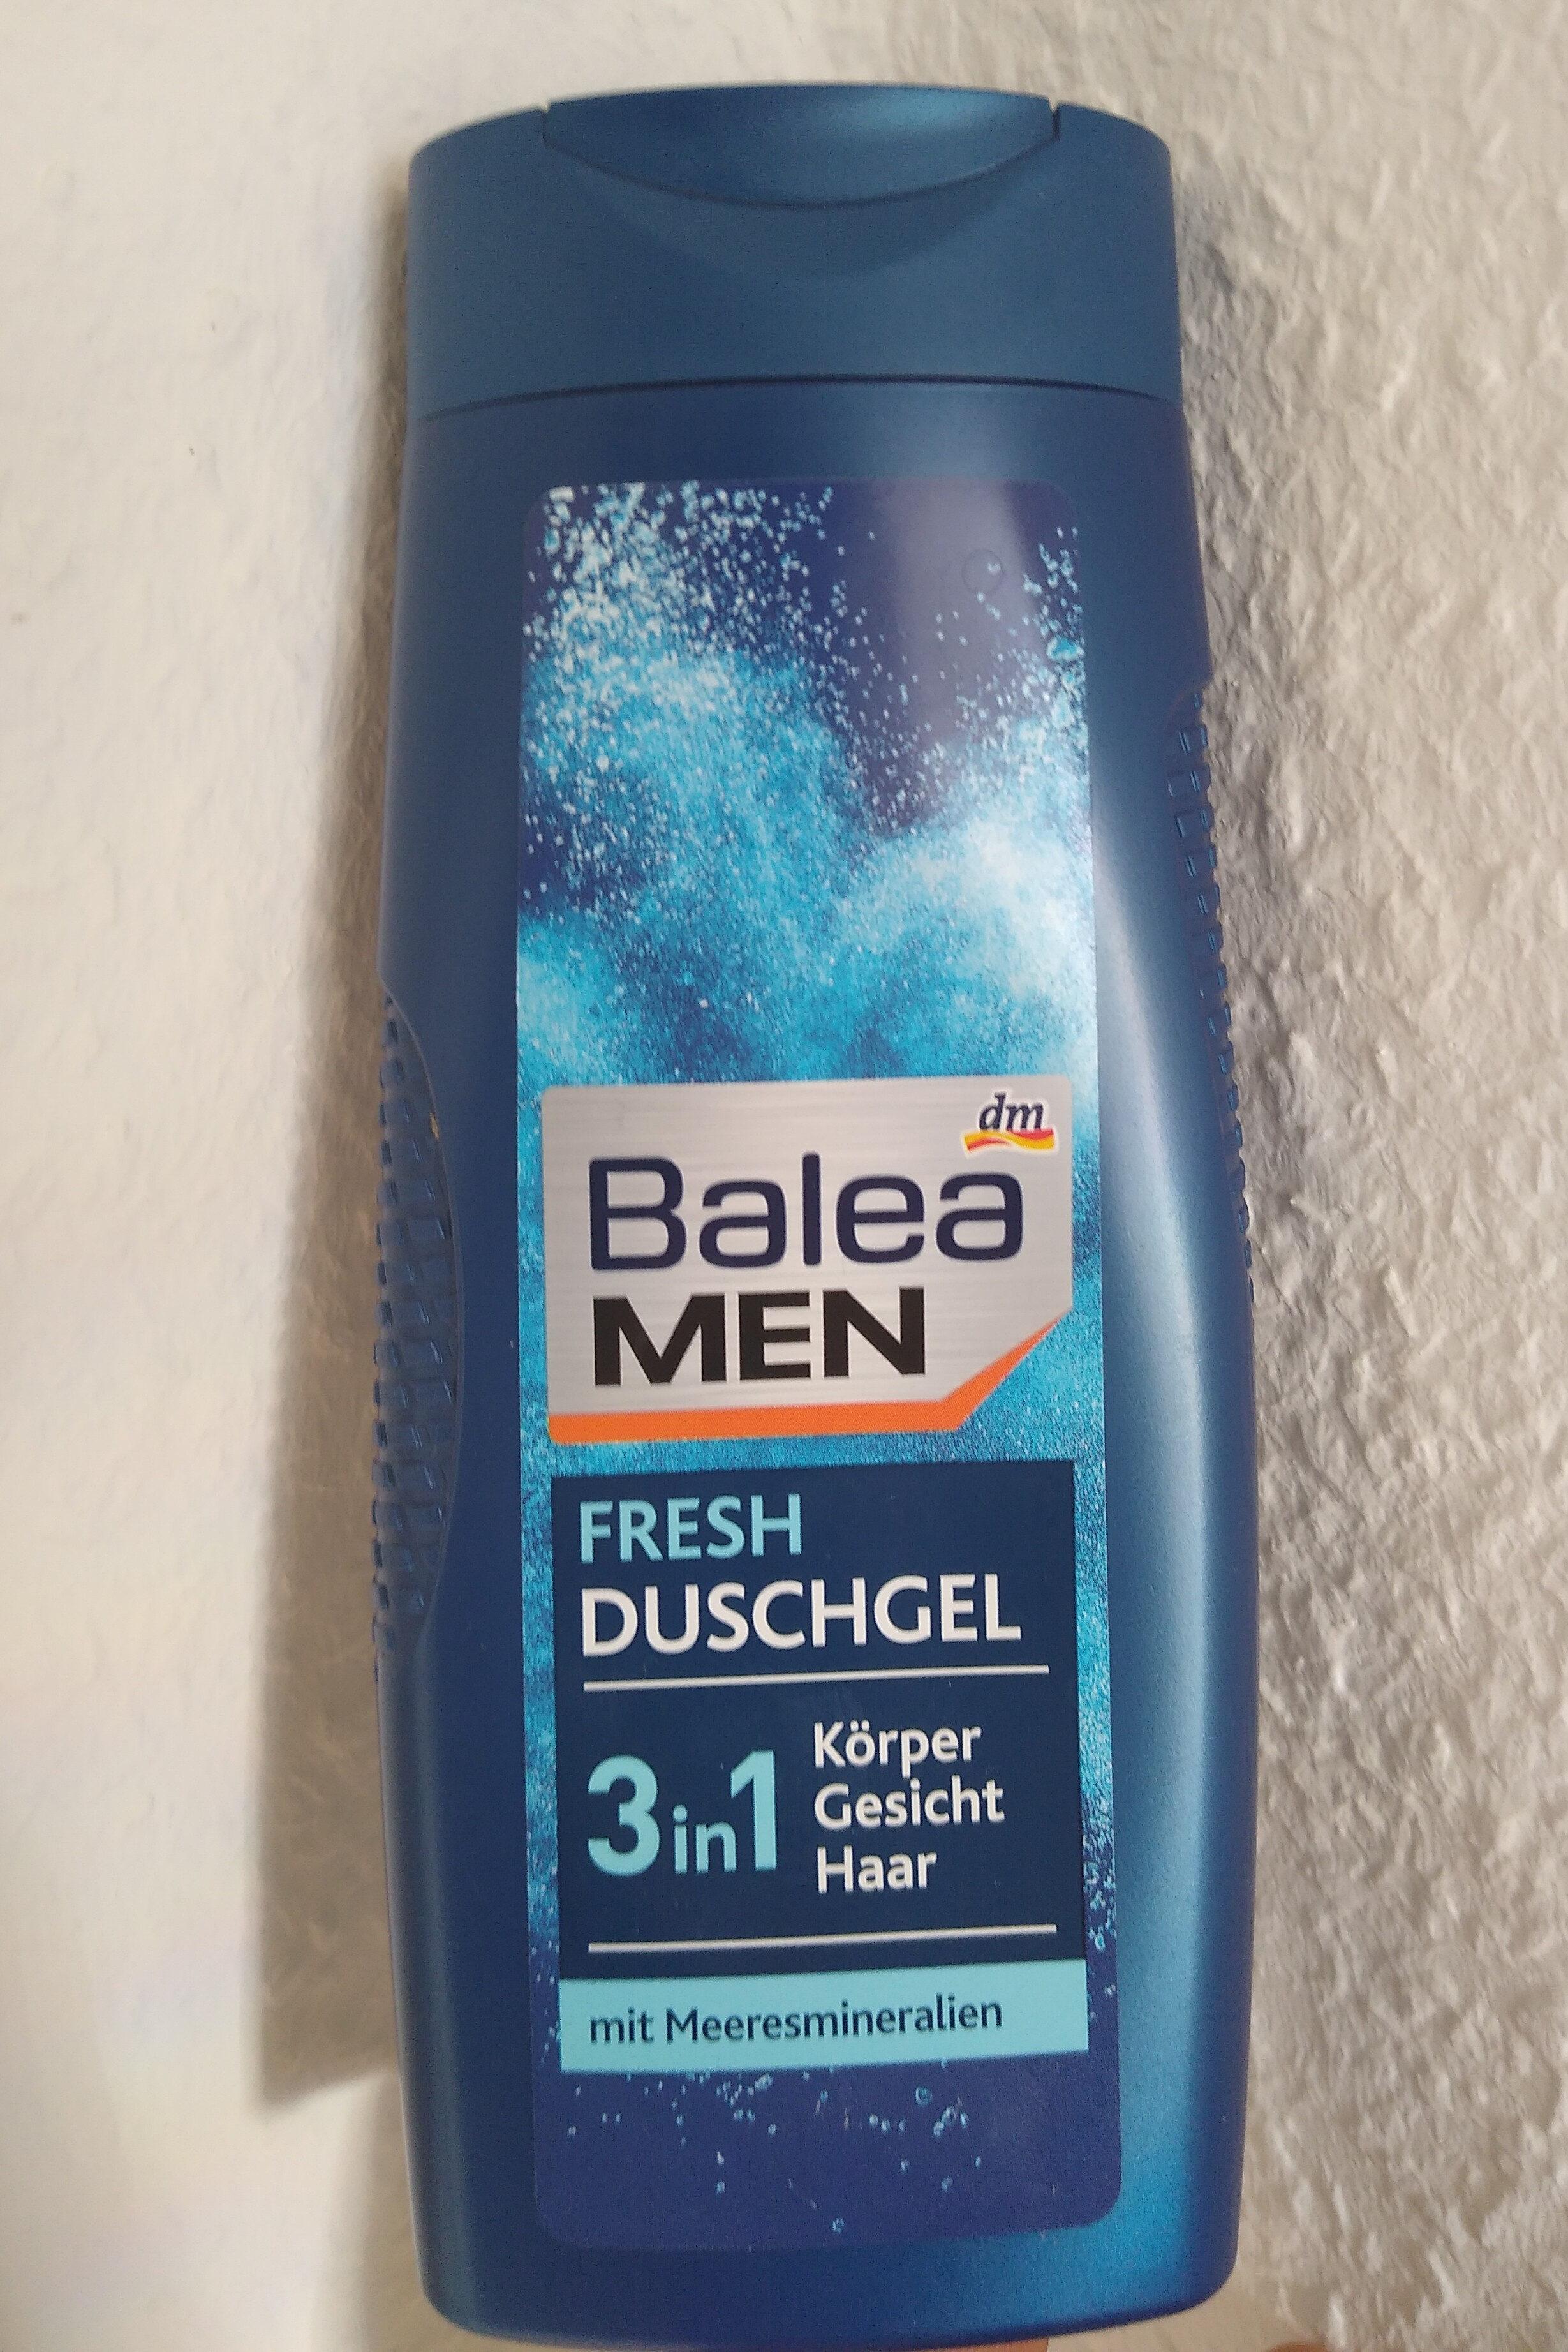 fresh Duschgel - Product